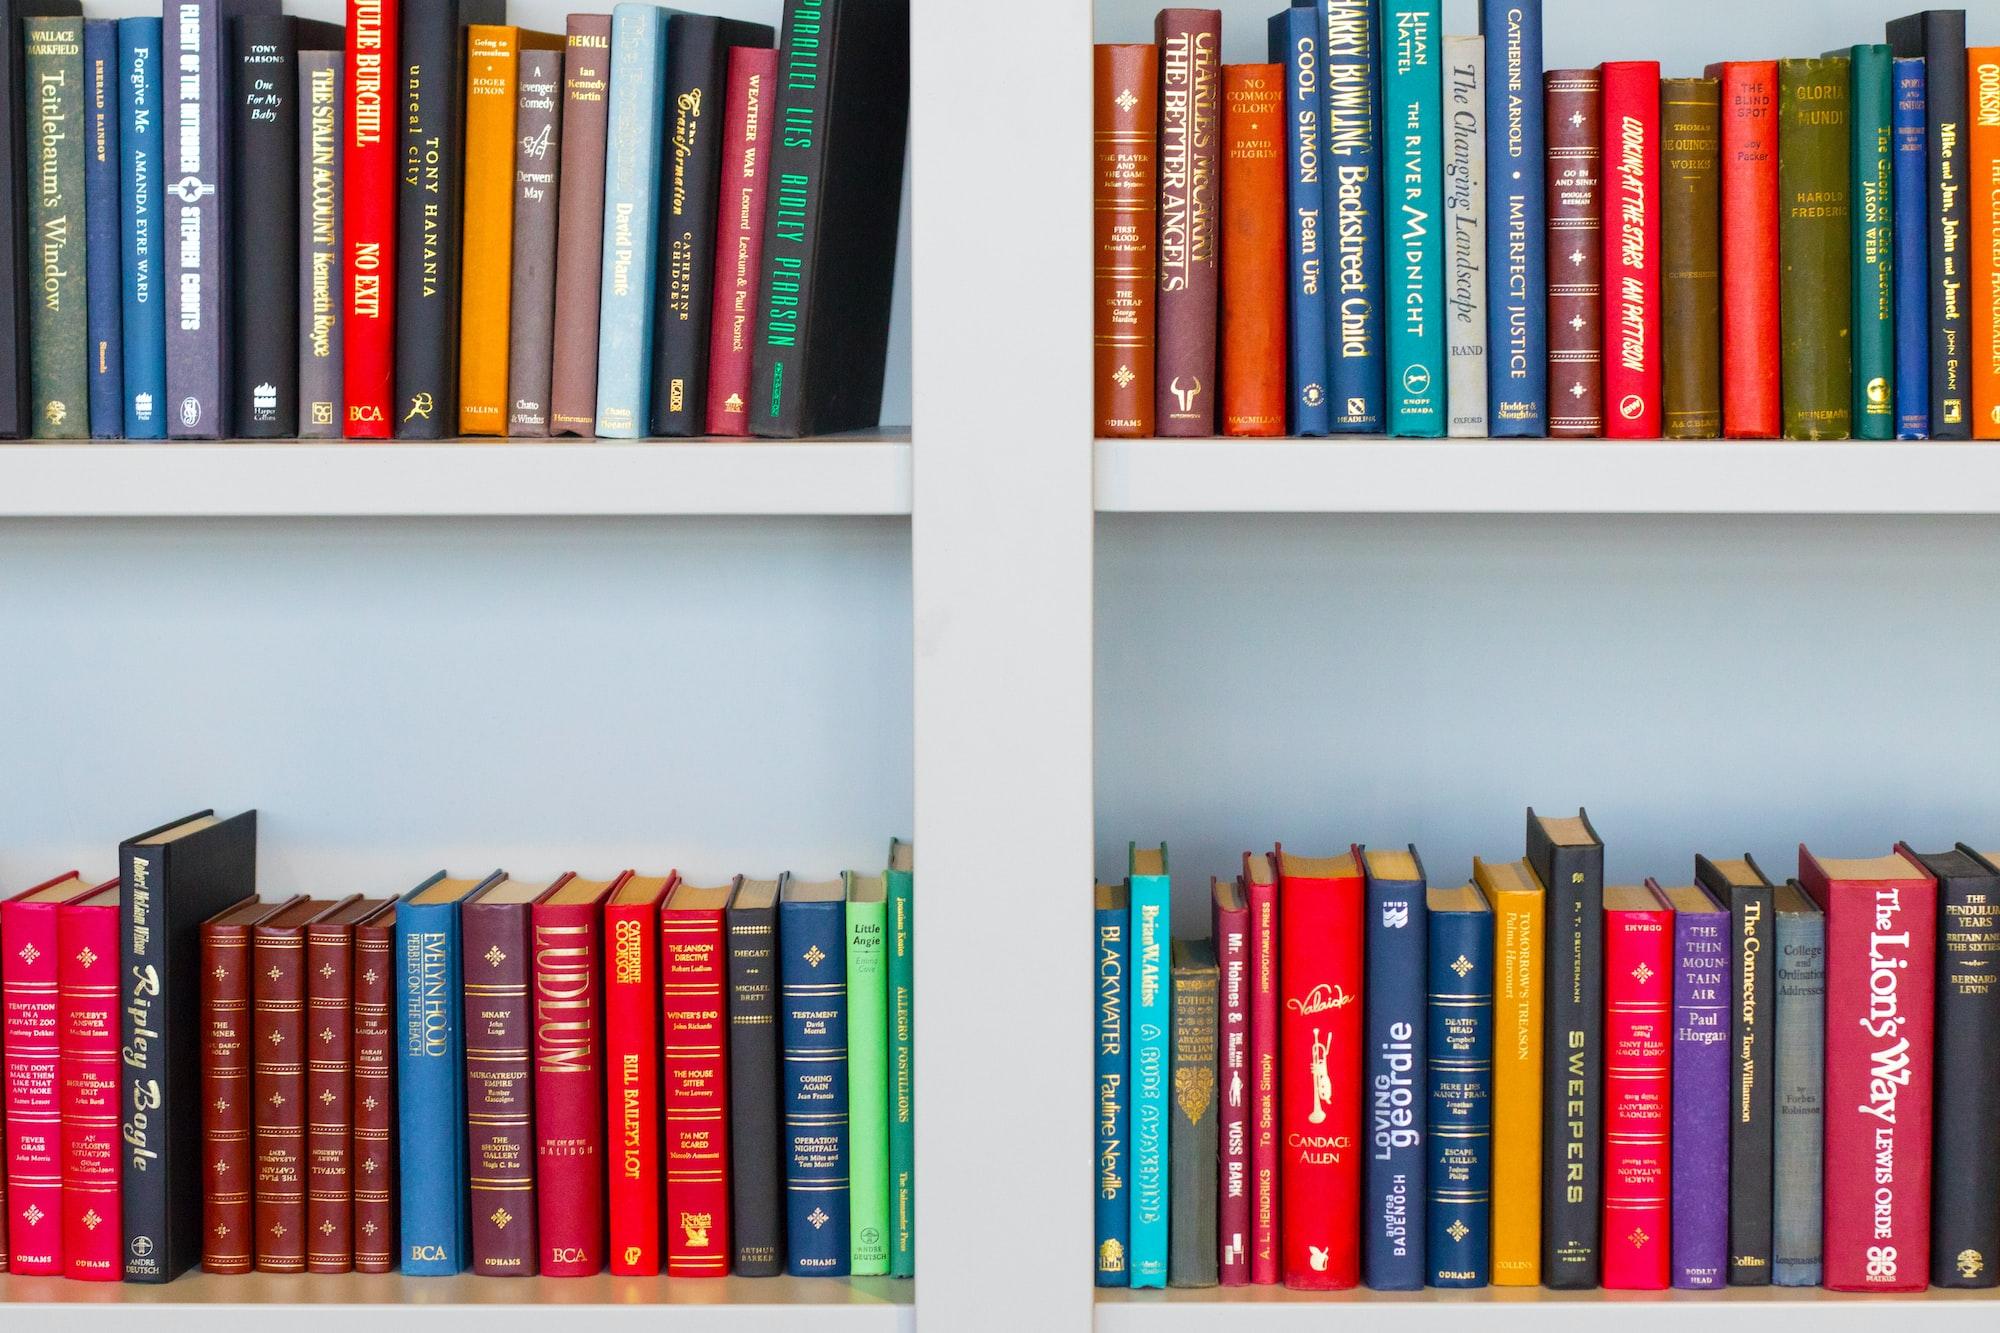 Bibliotecas web con libros gratuitos sobre Informática